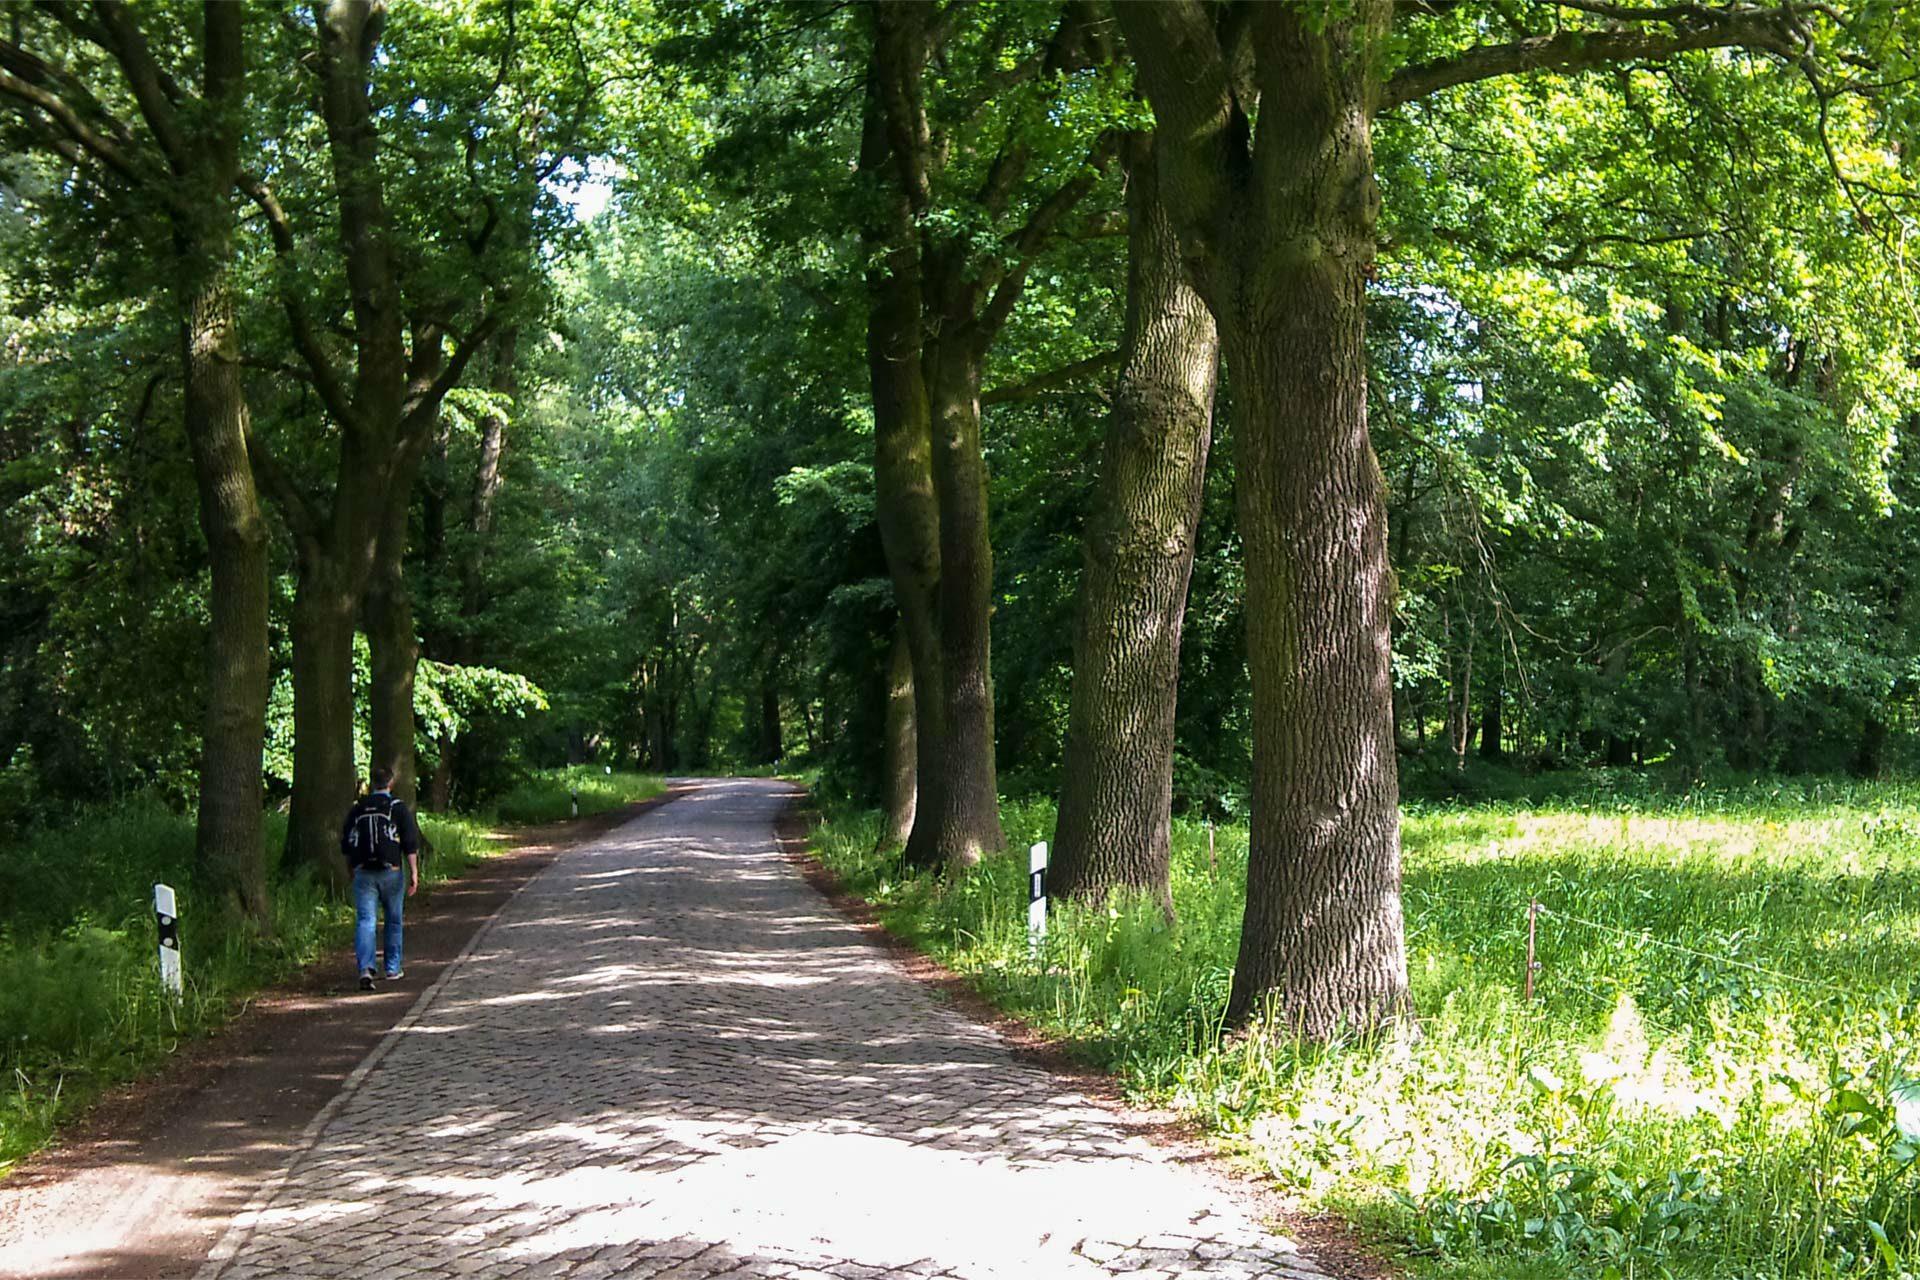 Immer entlang des Elbe-Rad-Wegs – mal an der Elbe, mal abseits von ihr.